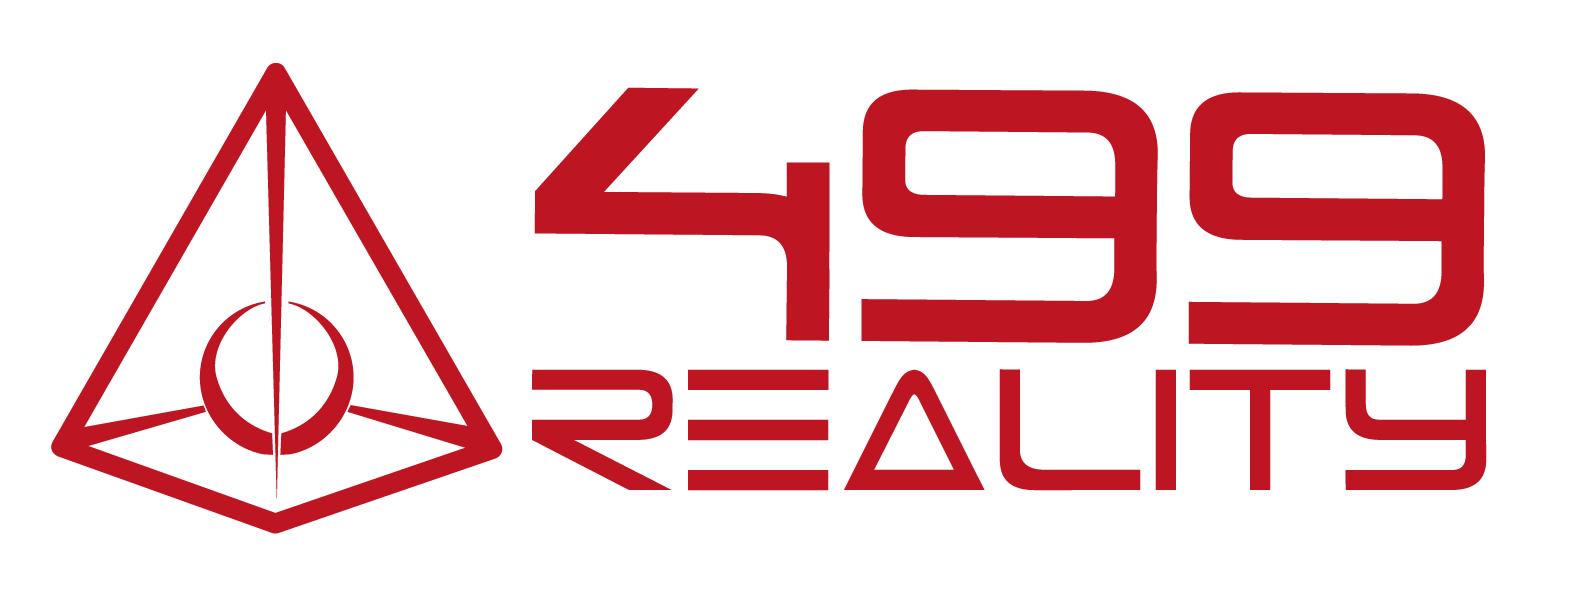 499reality